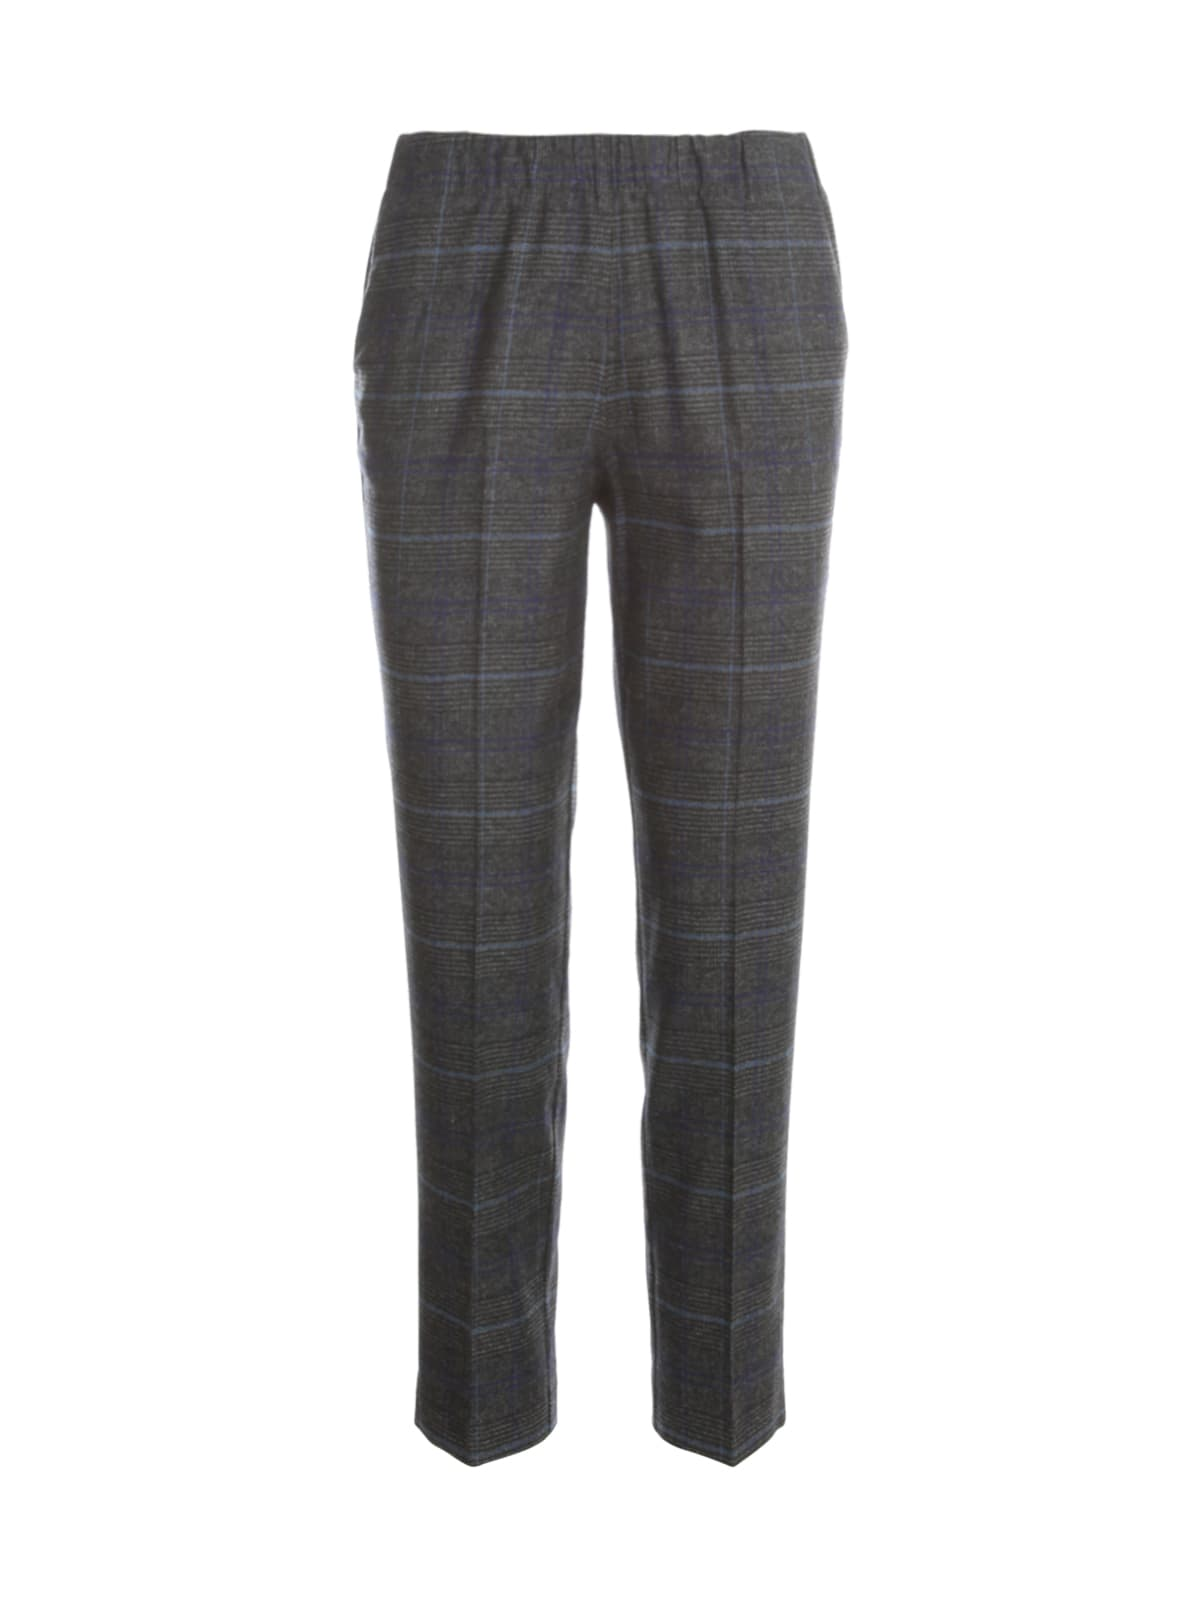 George Elastic Waist Galles Pants